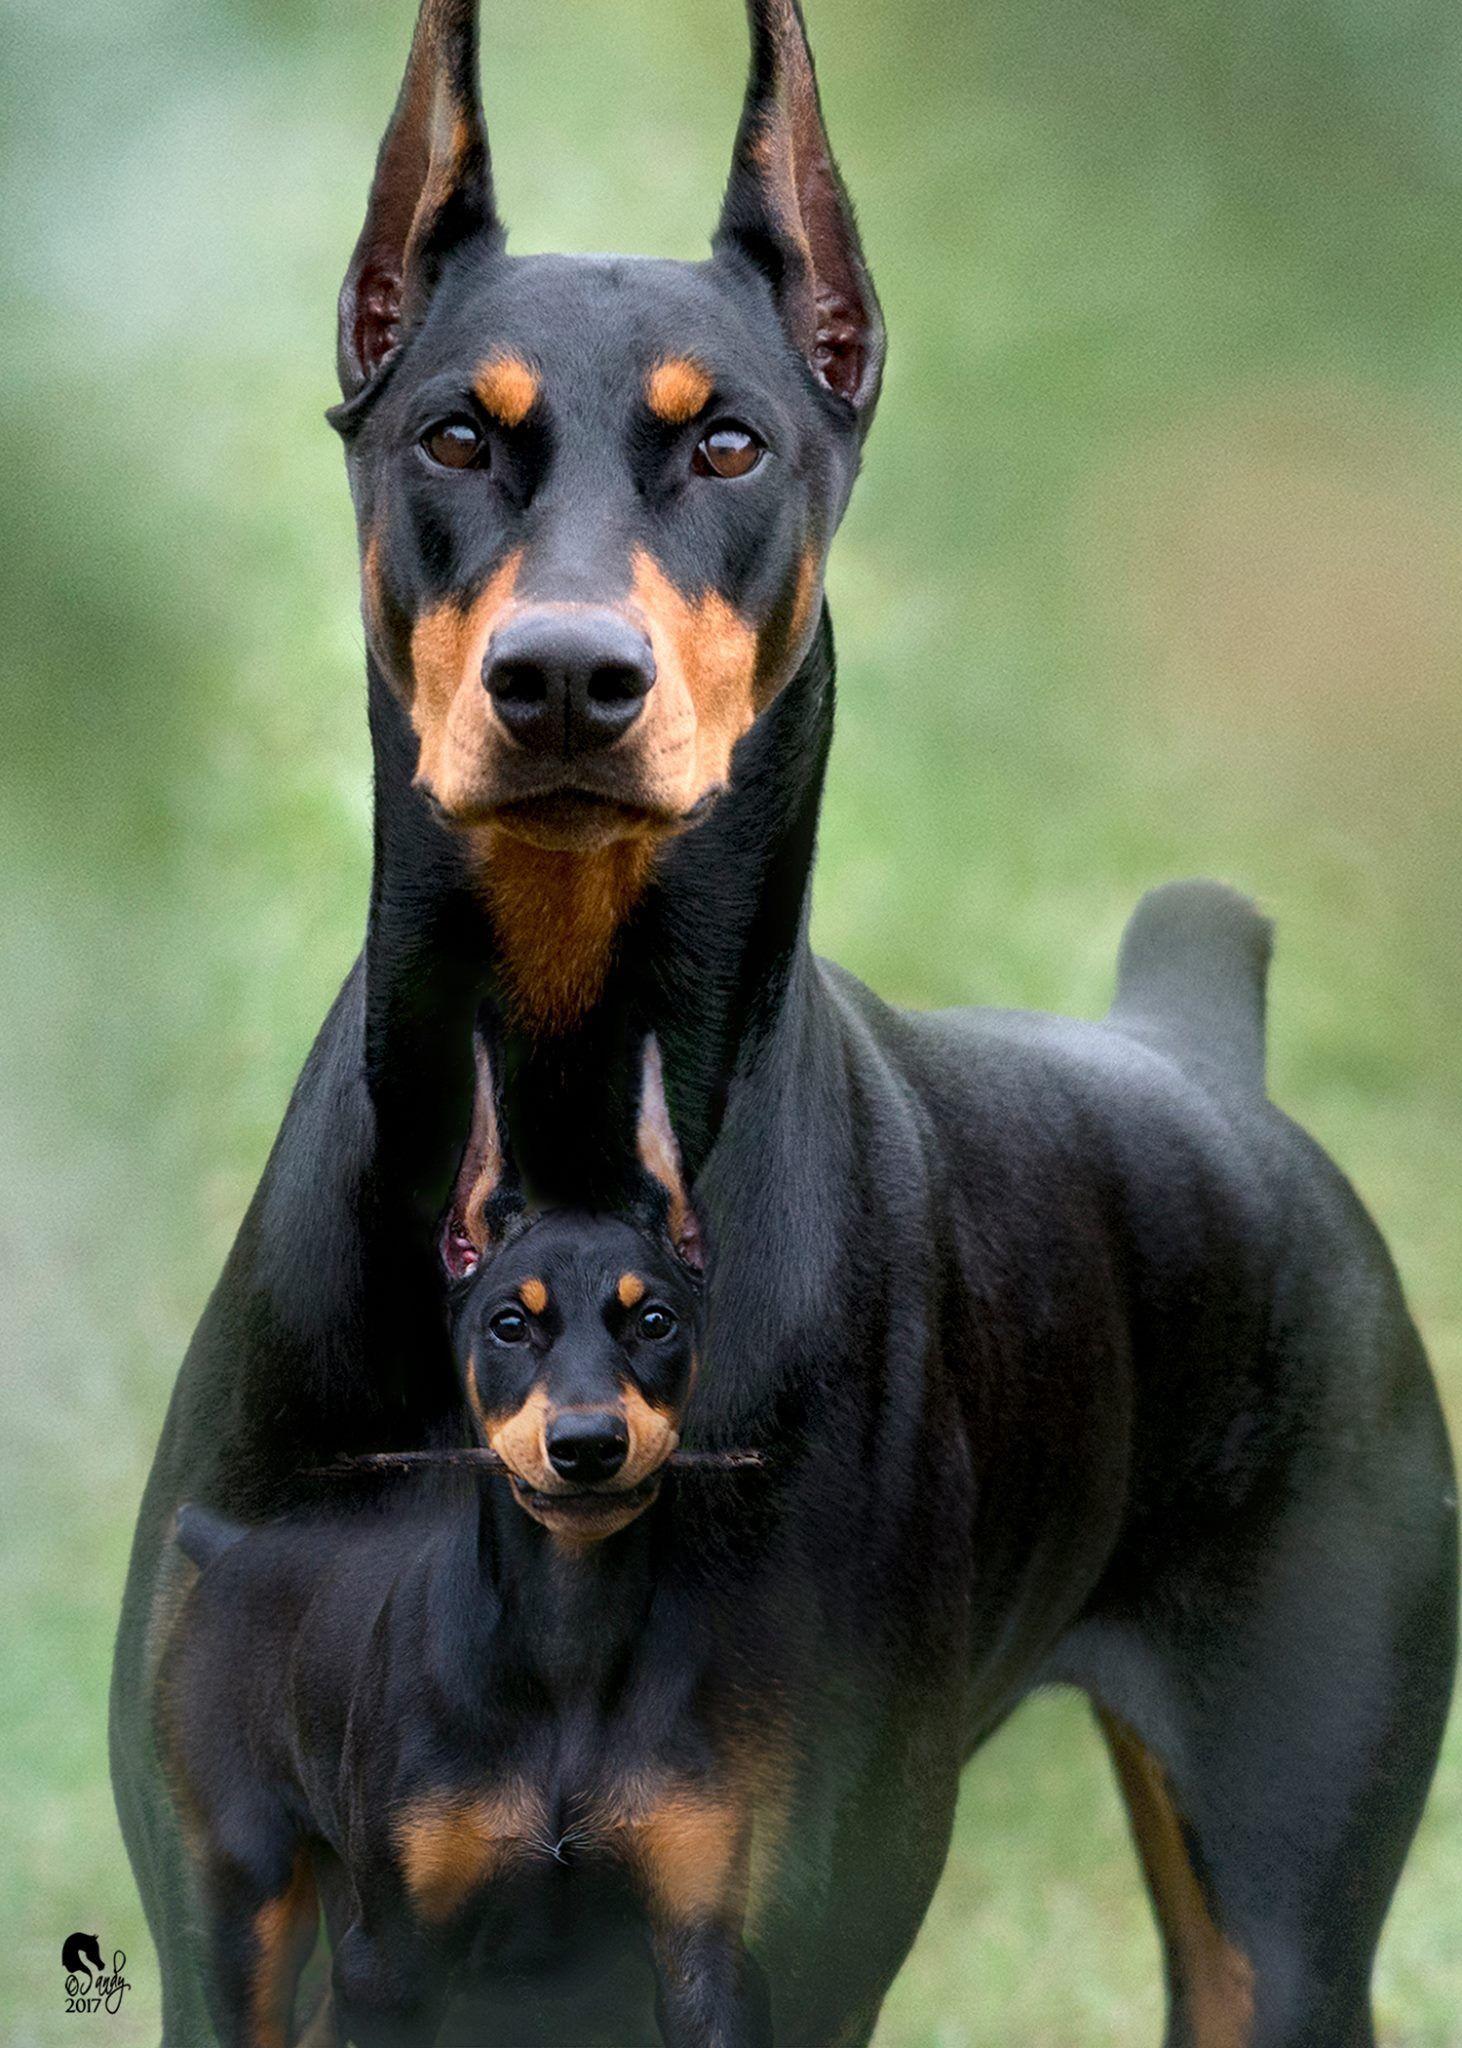 Beautiful Dobermanpinscher Dog Breeds Doberman Pinscher Dog